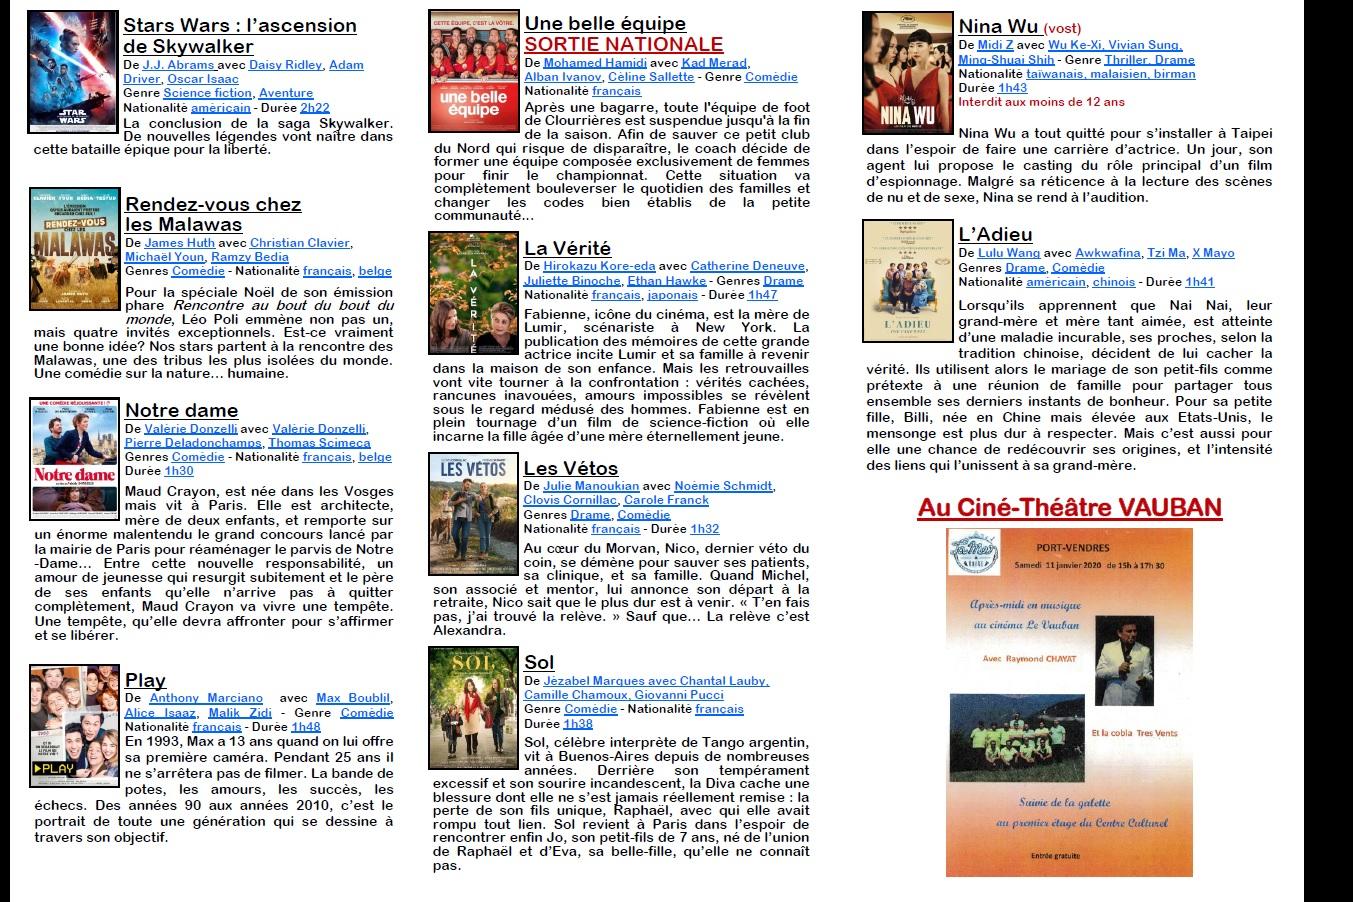 2020 ciné vauban synopsis du 8 au 26 janvier